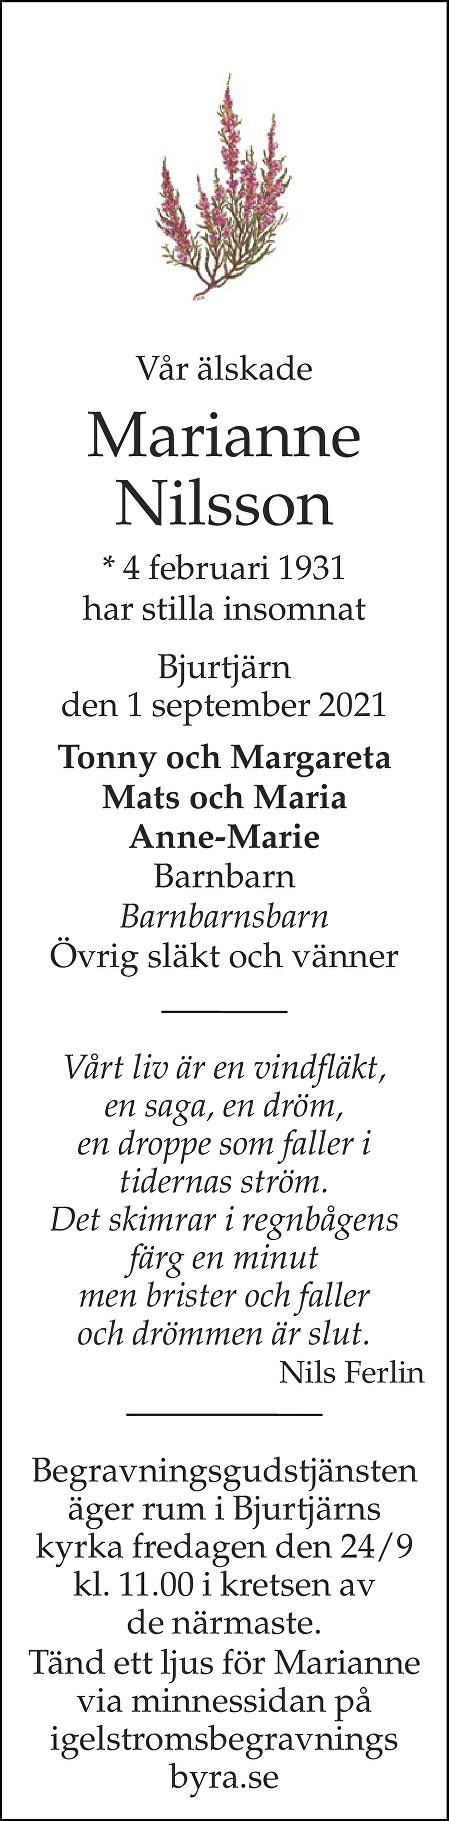 Marianne Nilsson Death notice